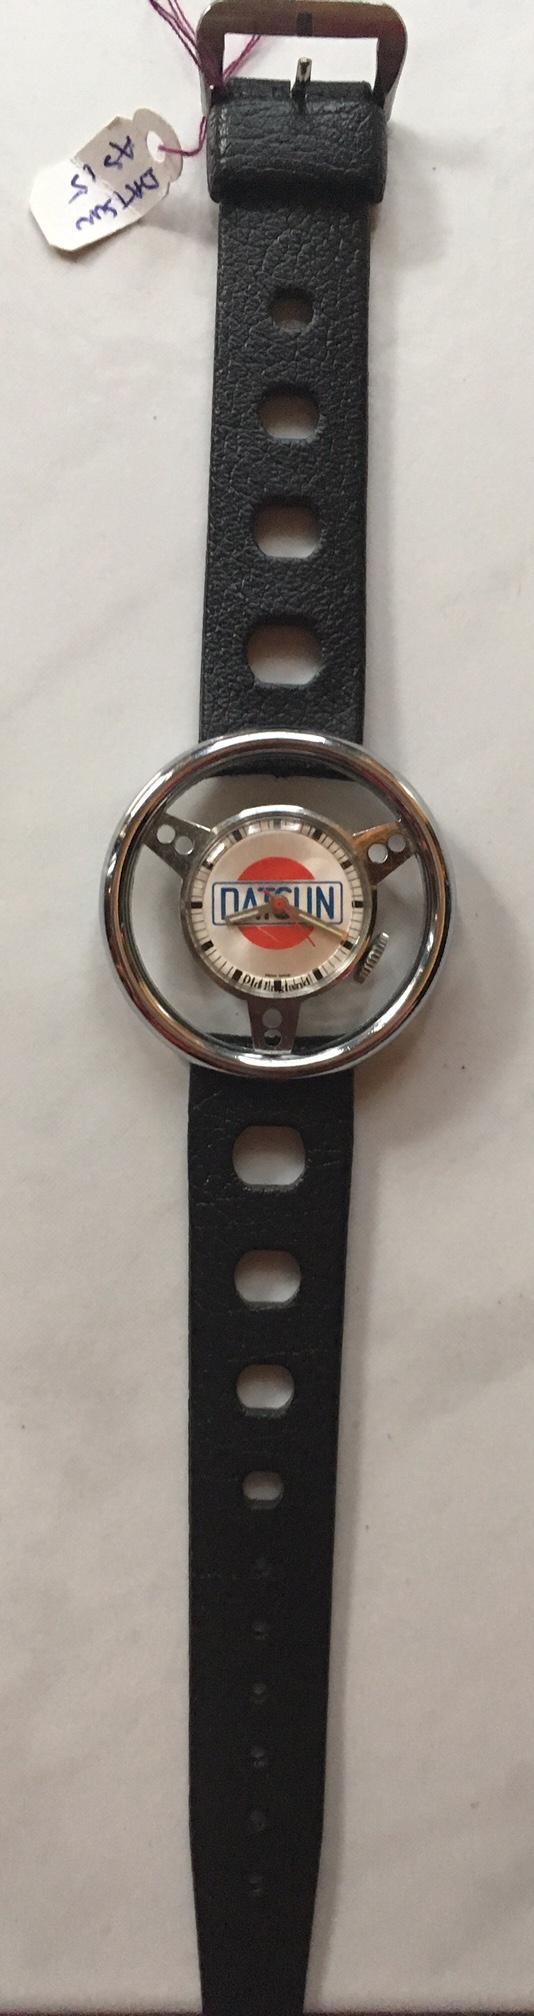 Datsun 3